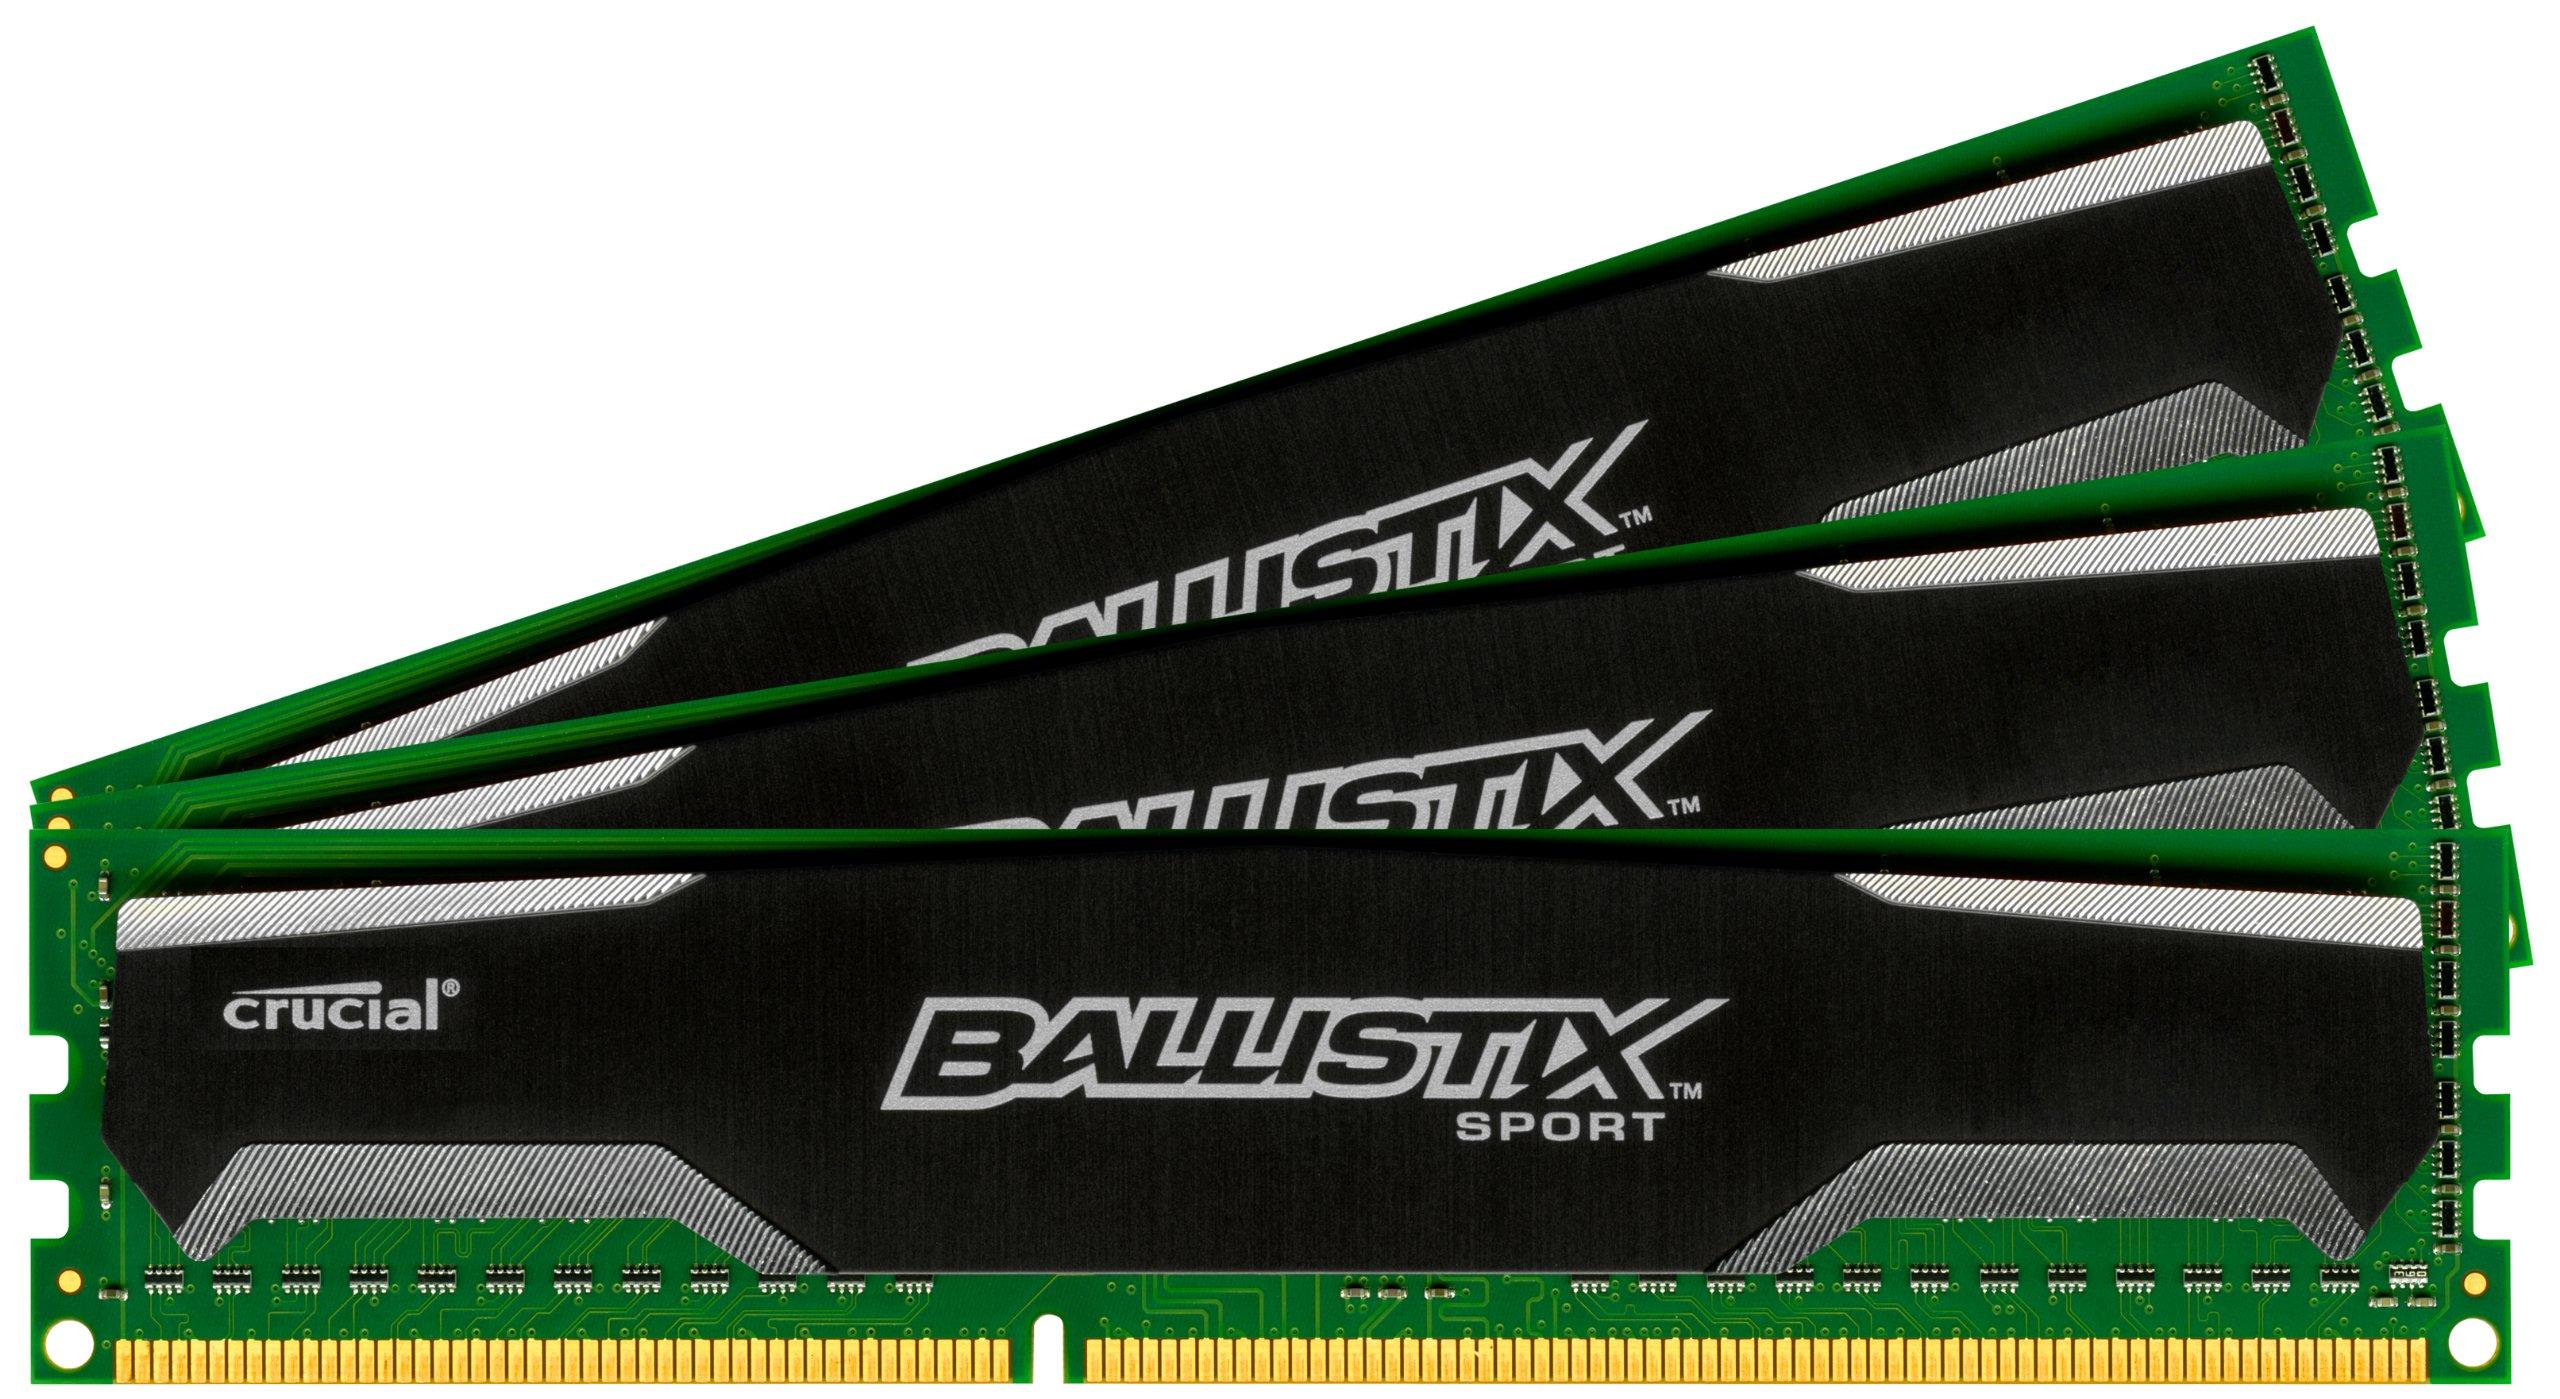 Ballistix Sport 12GB Kit (4GBx3) DDR3 1600 MT/s (PC3-12800) UDIMM 240-Pin Memory - BLS3KIT4G3D1609DS1S00